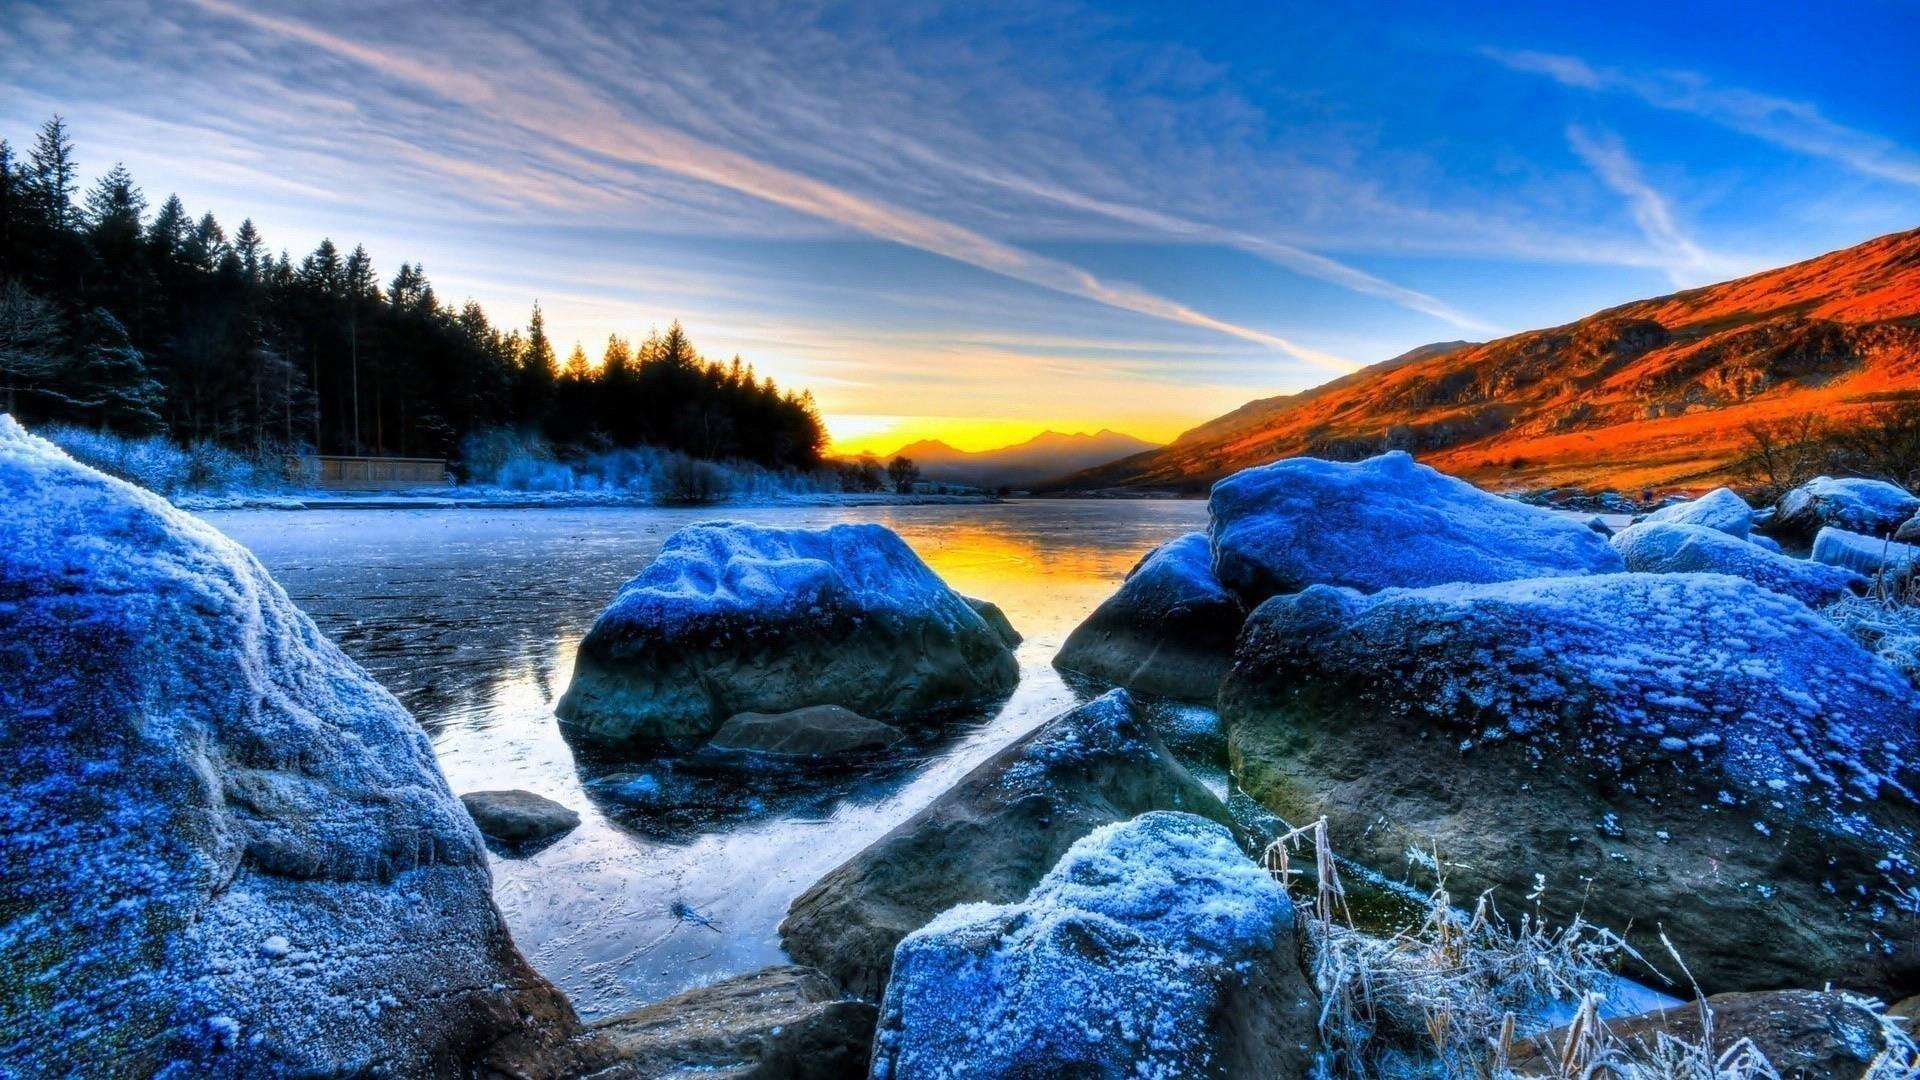 Замерзшие скалы на реке пейзаж вид деревьев на фоне восхода солнца под голубым небом природа обои скачать